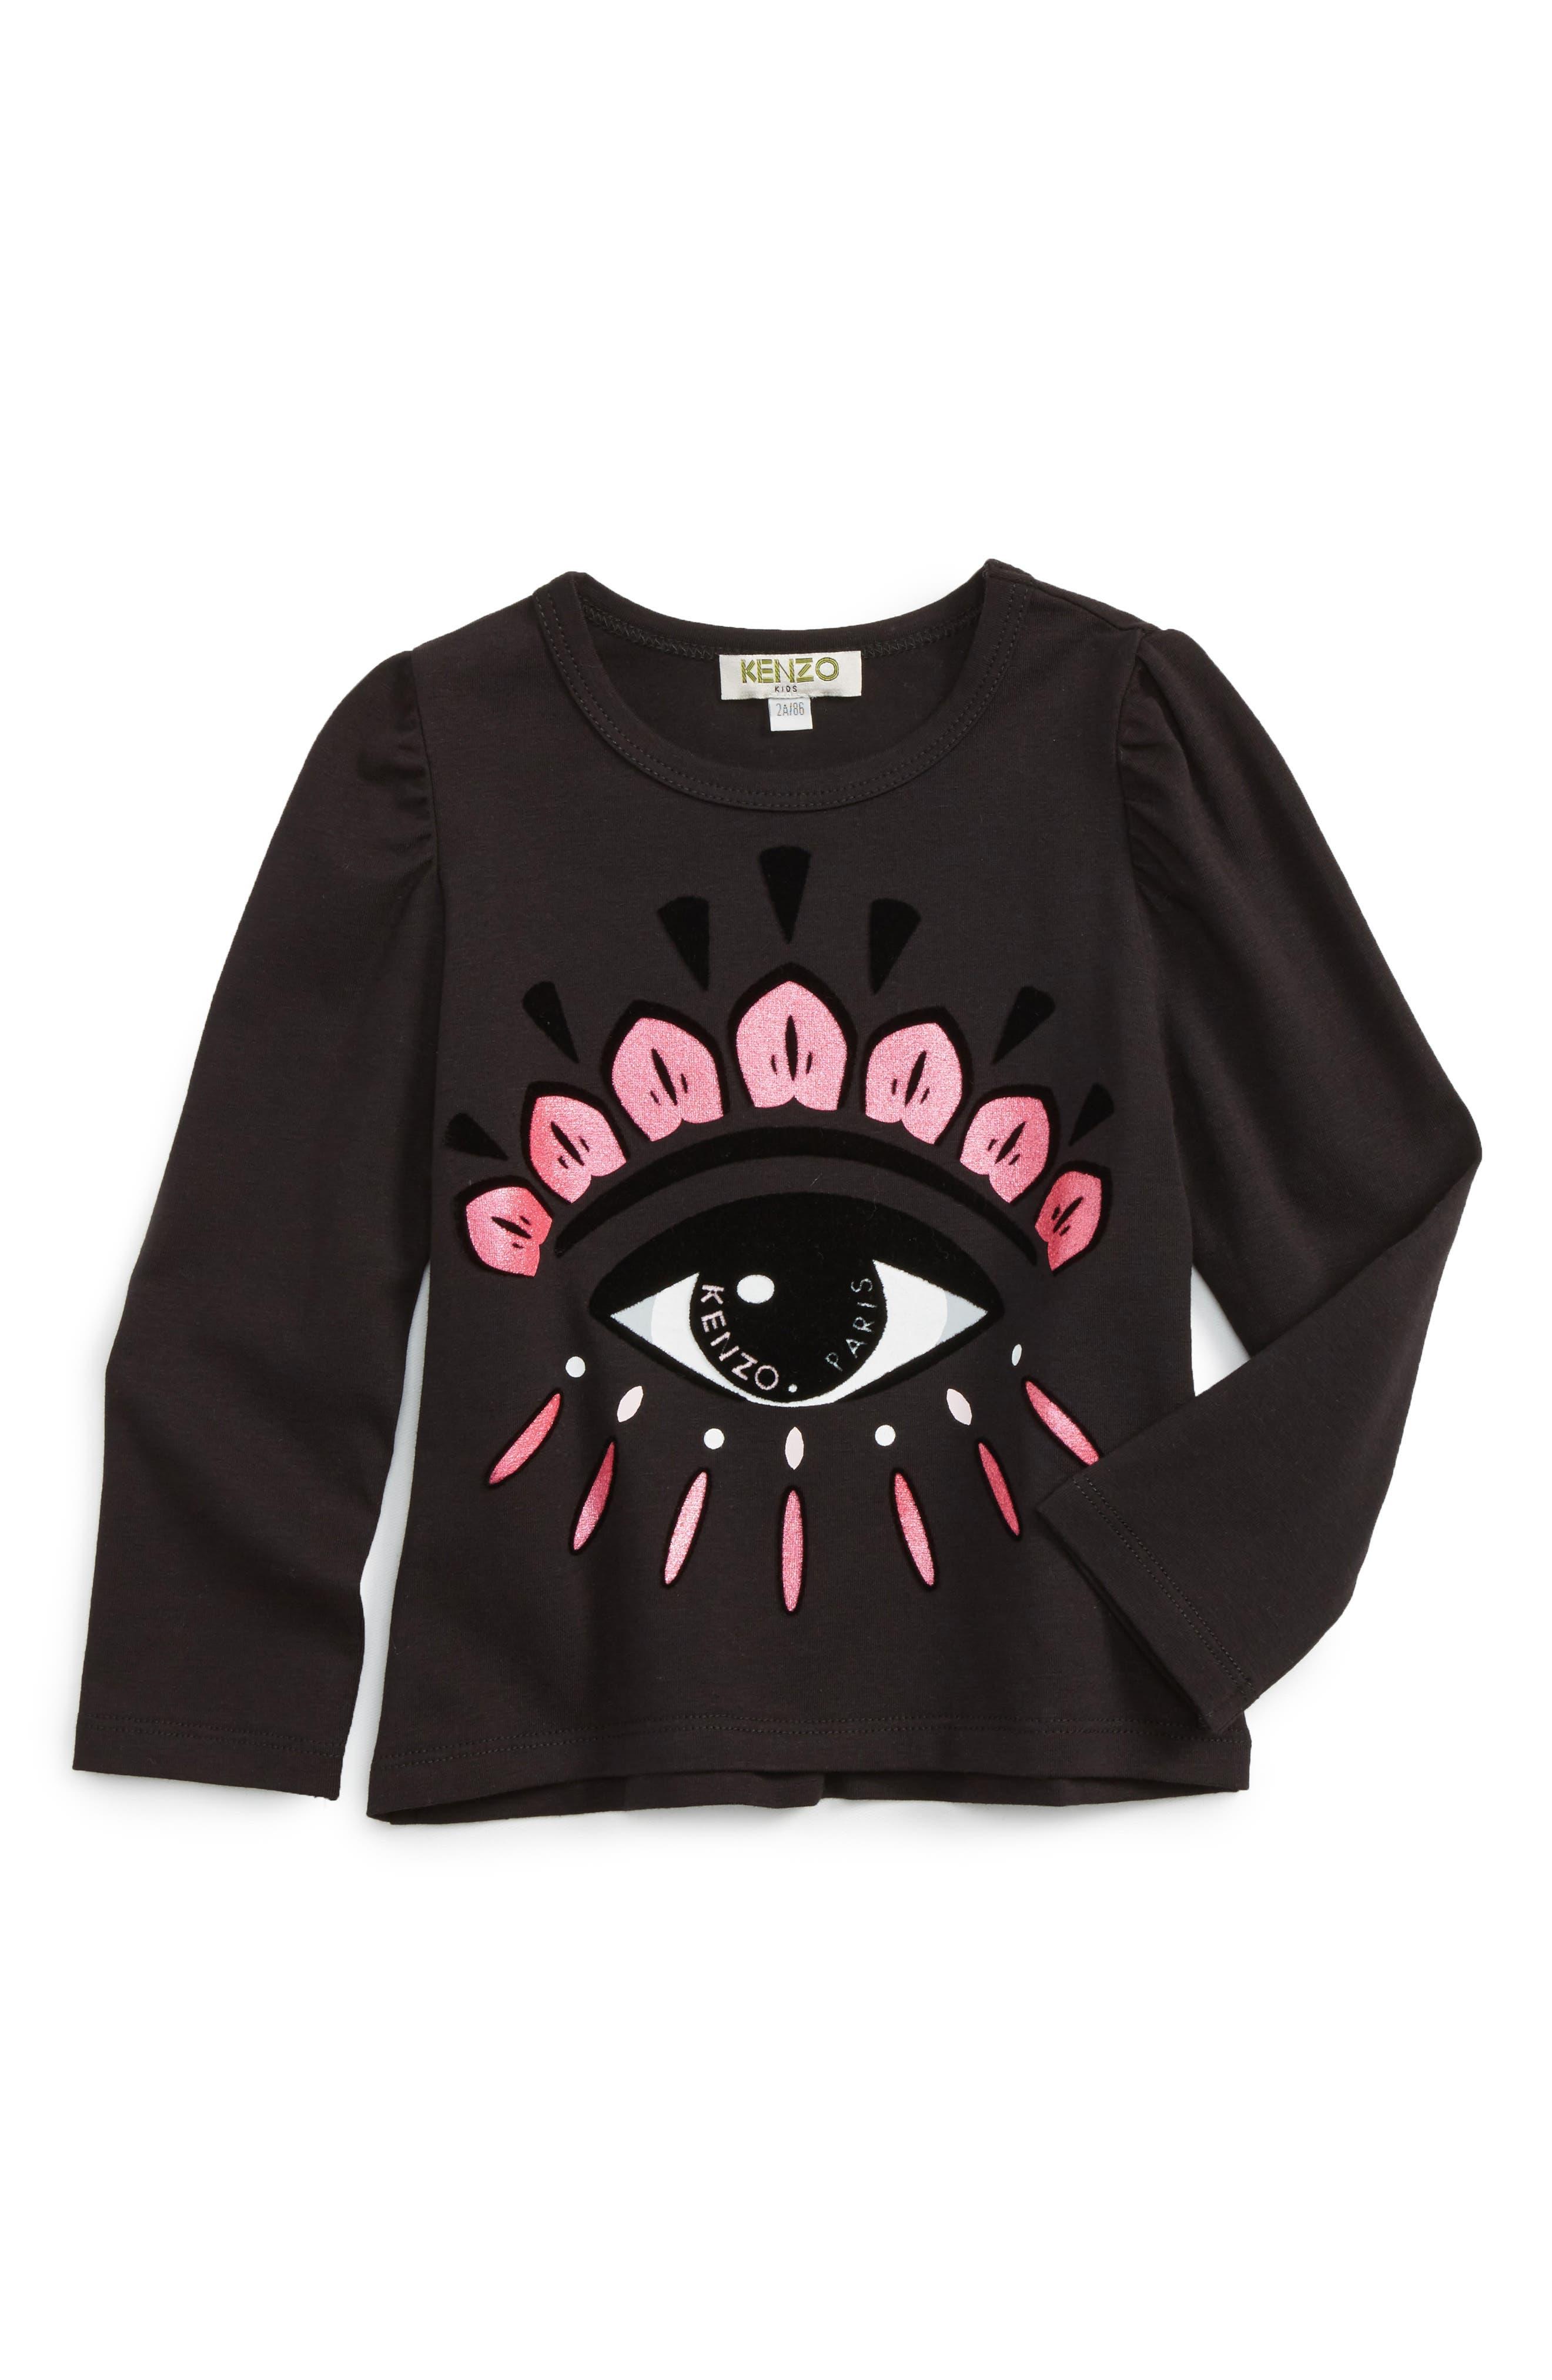 Alternate Image 1 Selected - KENZO Eye Graphic Tee (Toddler Girls, Little Girls & Big Girls)